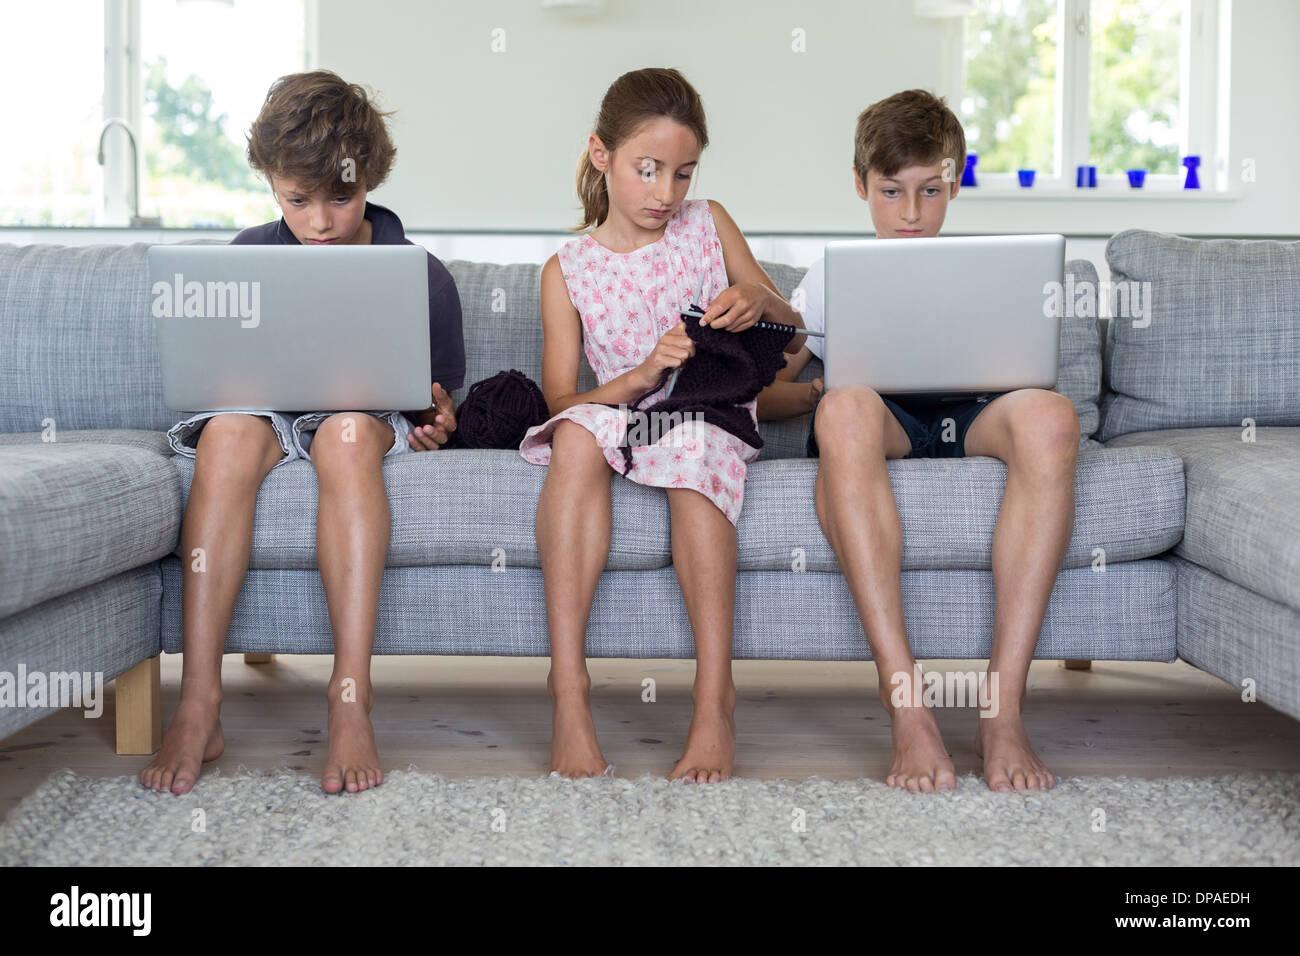 Brüder und Schwester auf Sofa mit Computern und stricken Stockfoto